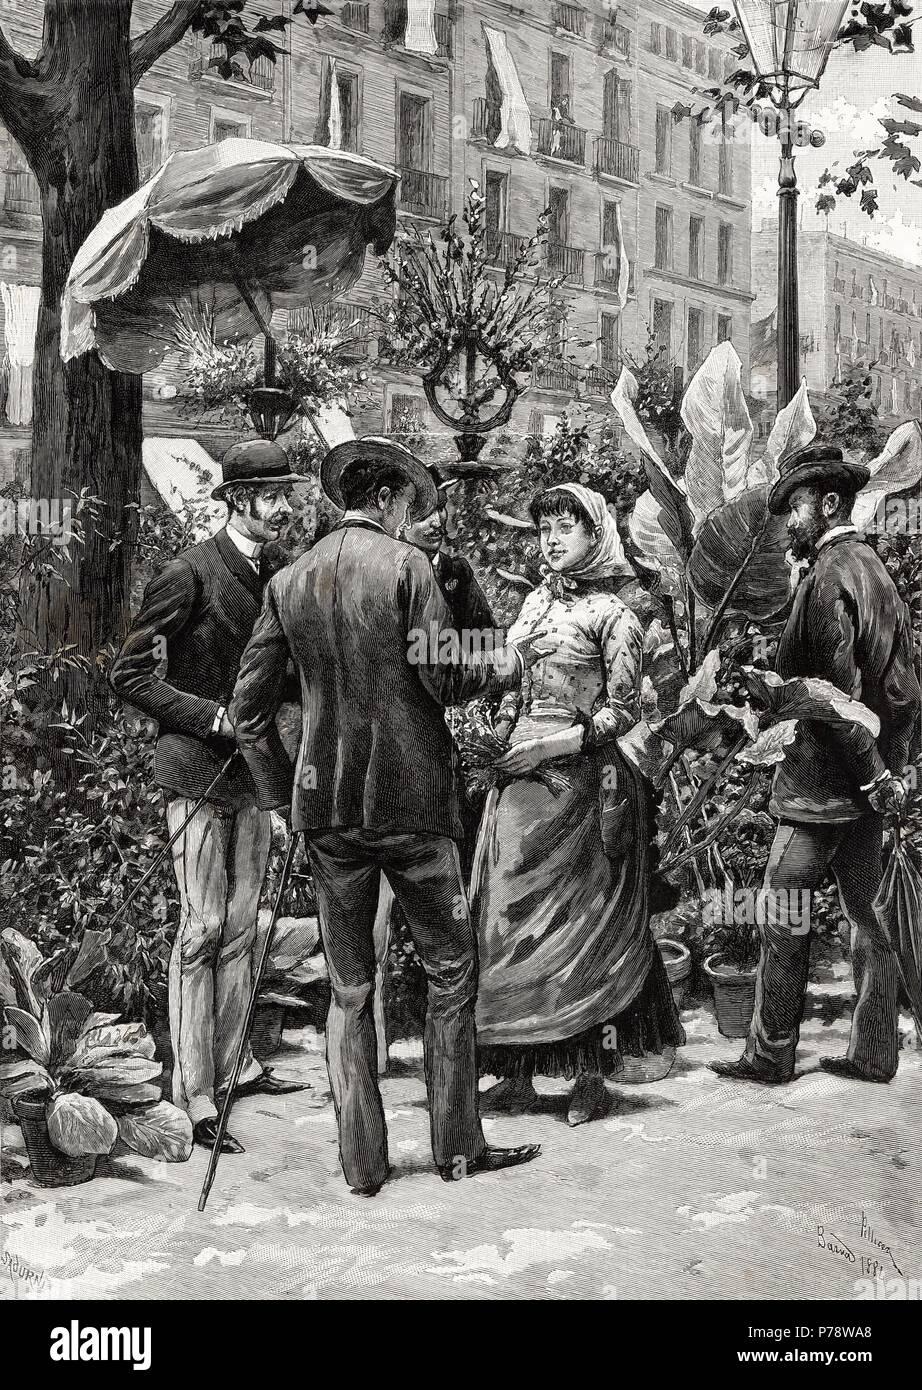 España. Barcelona. Parada de flores en las Ramblas. Grabado de 1884. Stock Photo